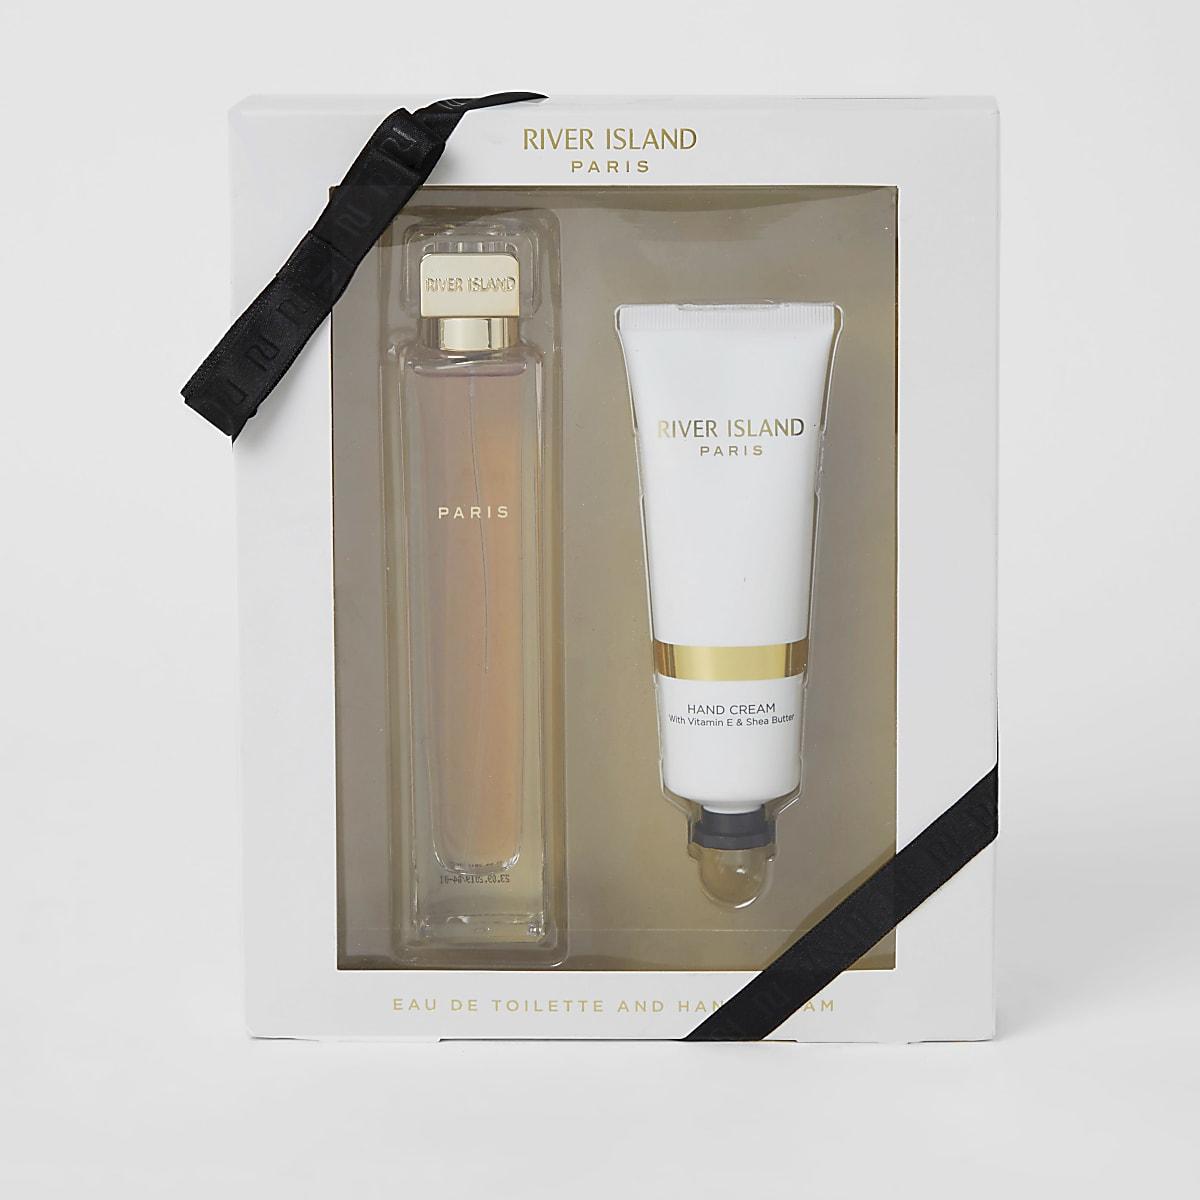 RI Paris scented eau de toilette gift set